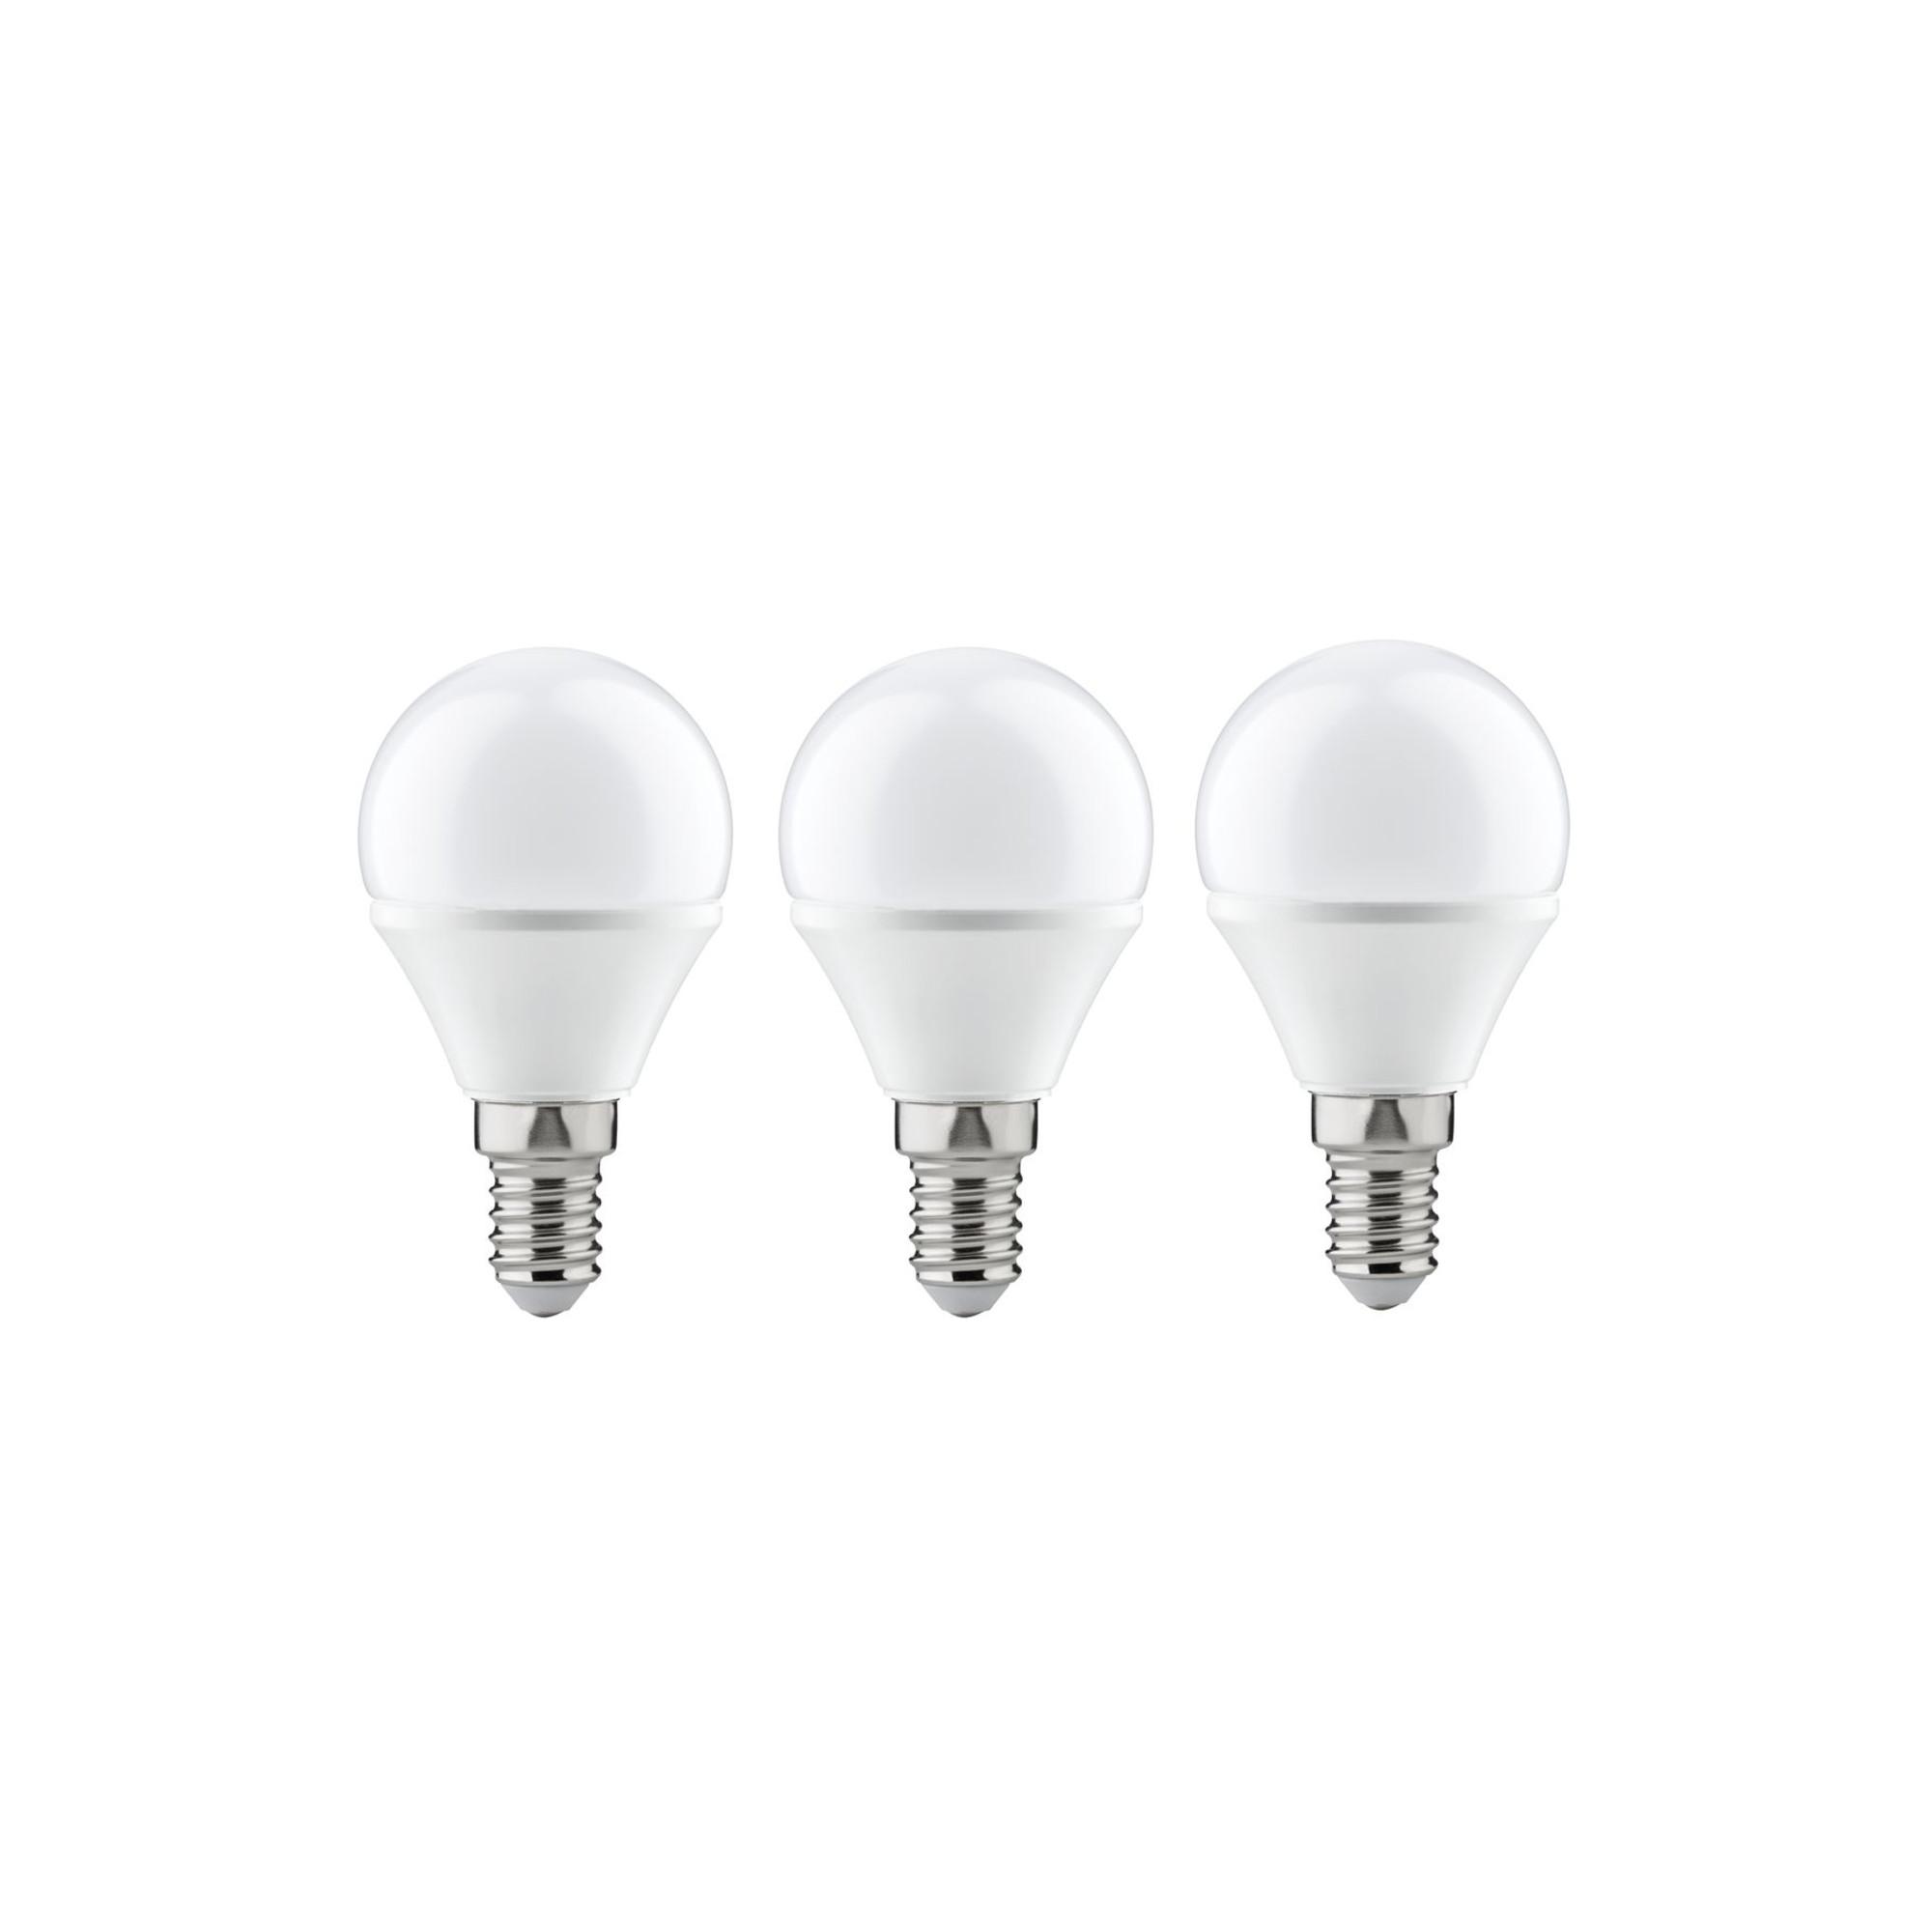 Лампа светодиодная Paulmann Капля 4Вт 250лм 2700К E14 230В Опал Набор 3шт. 28427.